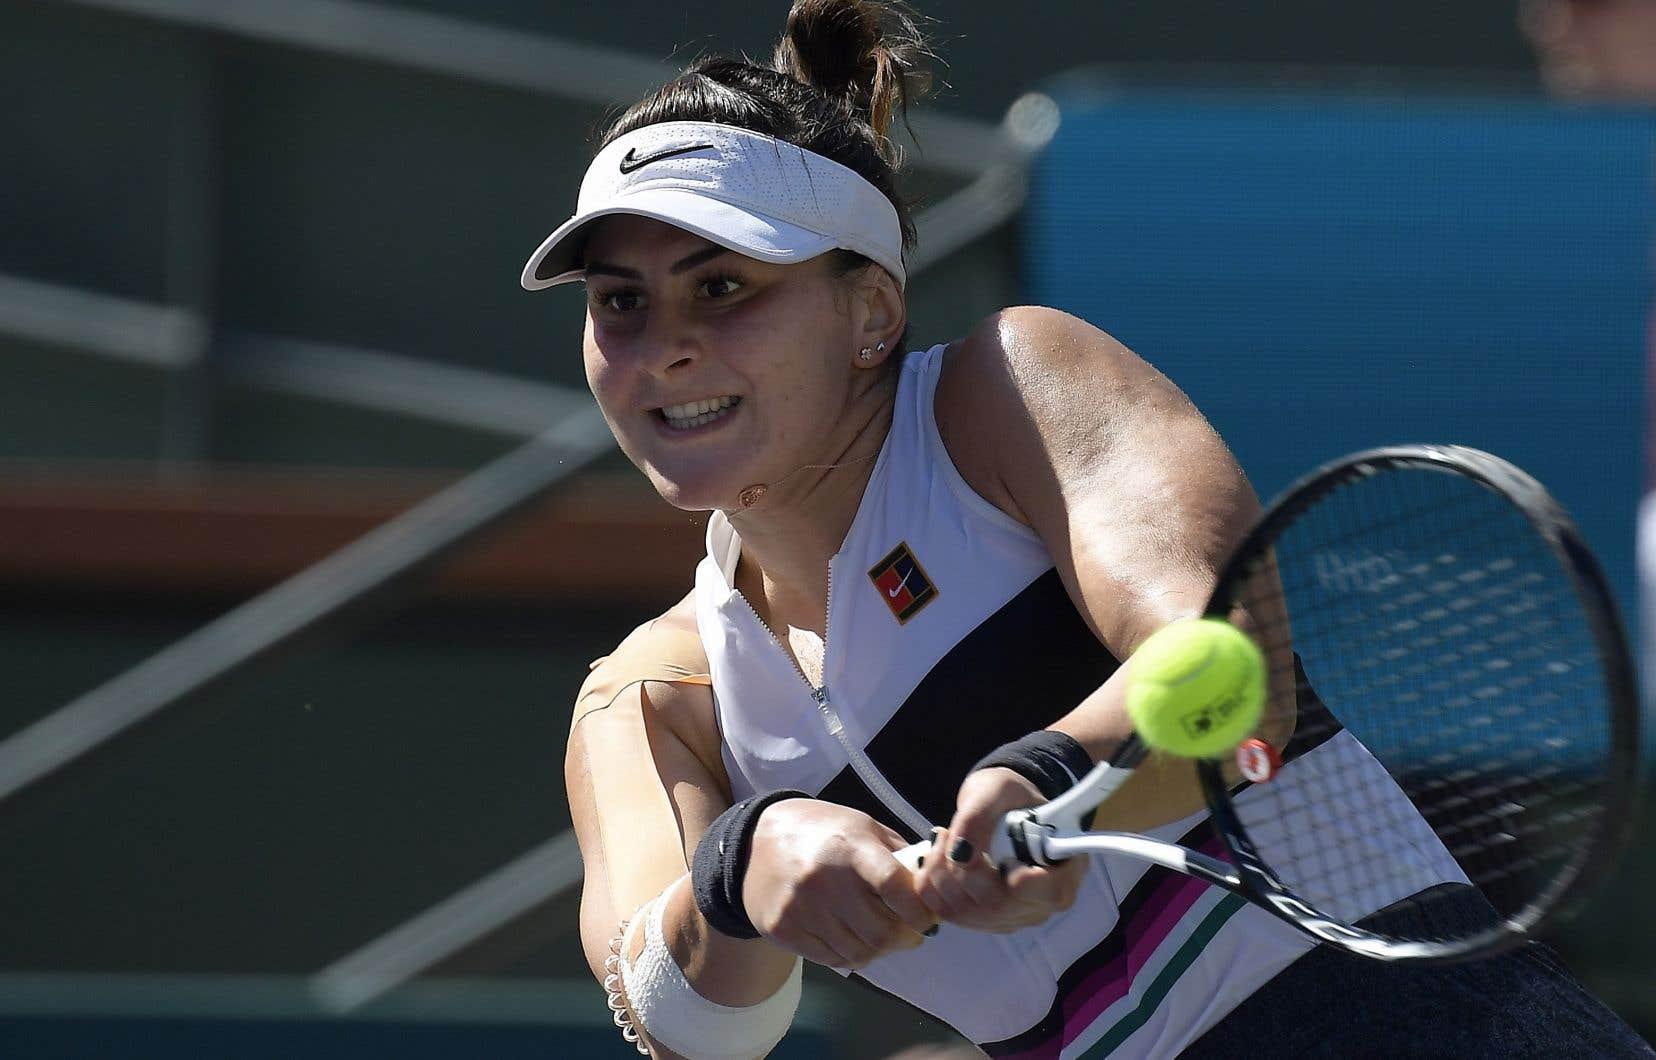 <p>Moins de 48heures après son électrisant triomphe contre l'Allemande Angelique Kerber en finale de l'Omnium BNP Paribas d'Indian Wells en Californie, Andreescu était de nouveau en pleine préparation mardi.</p>